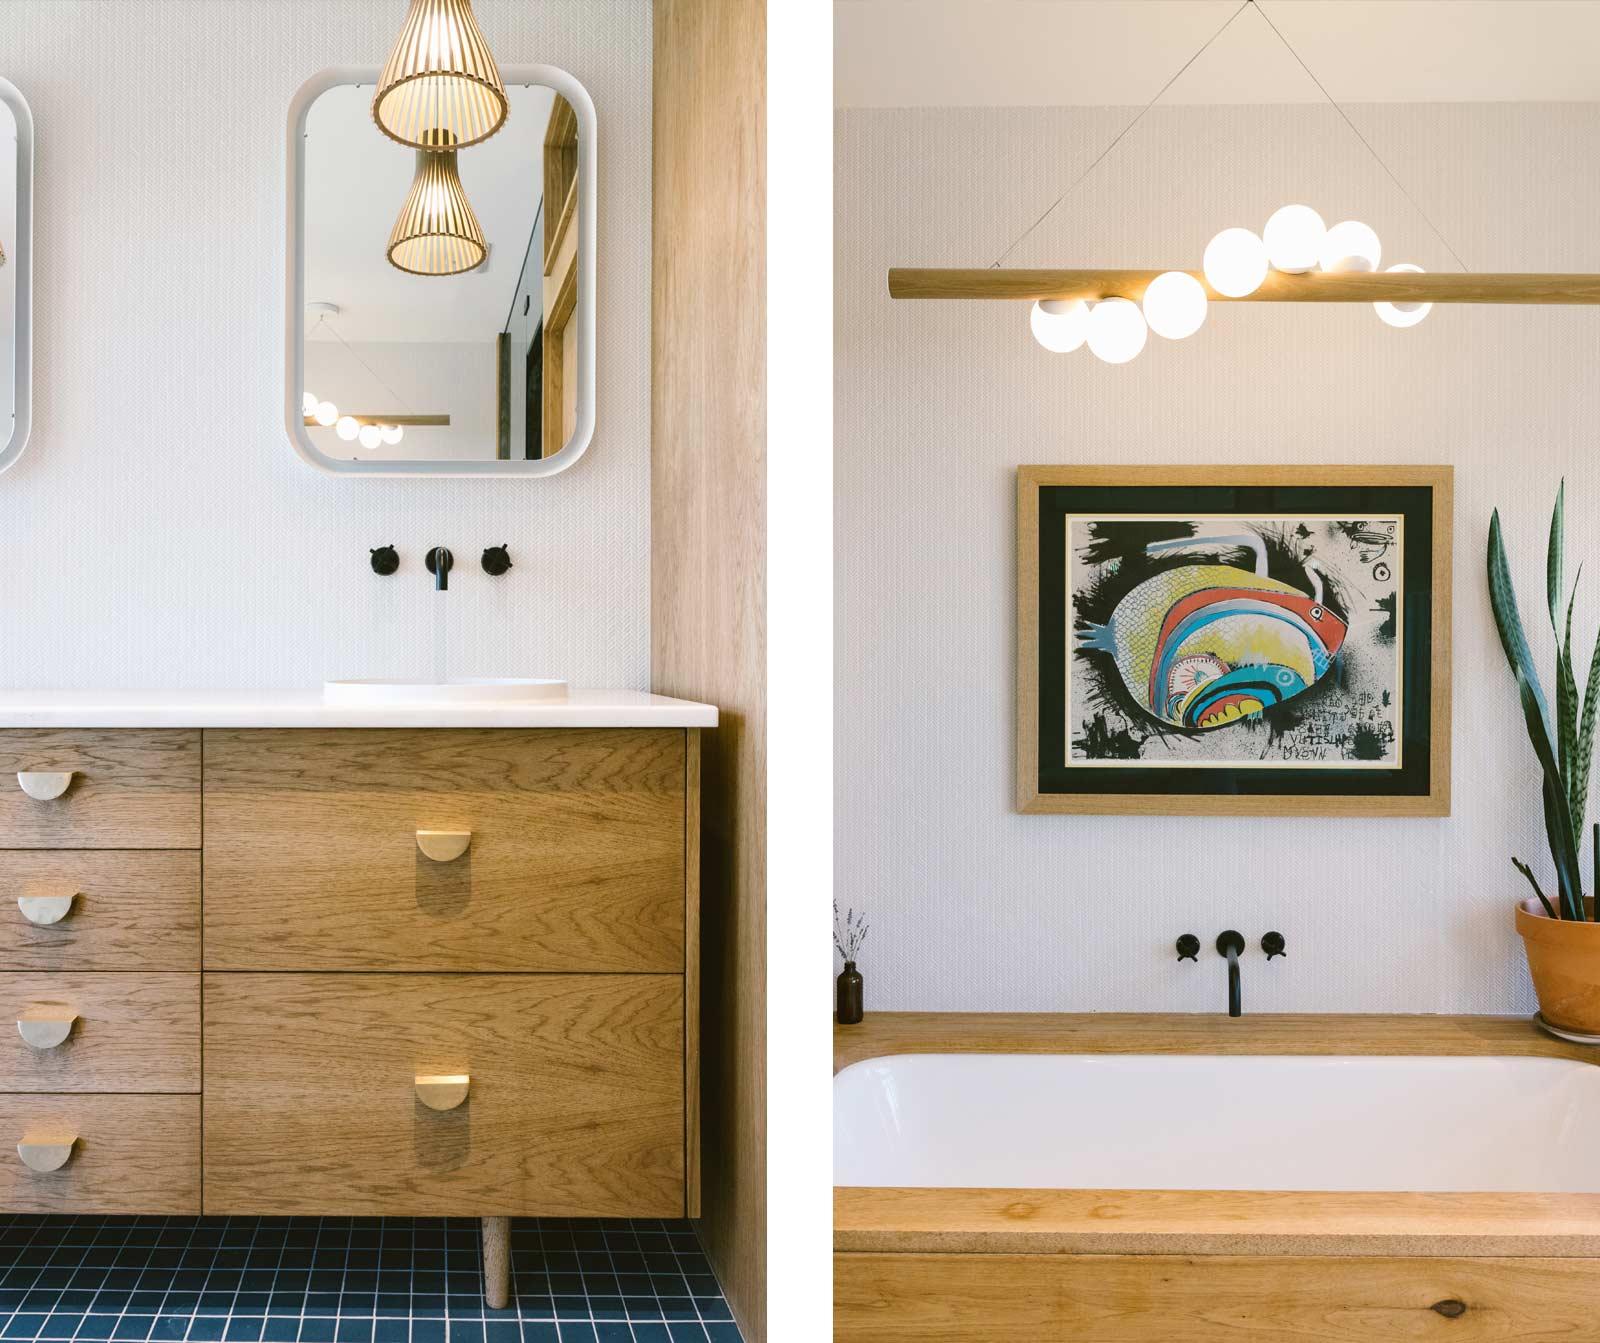 Sunset Avenue | Residential Interior Design Calgary, Alberta